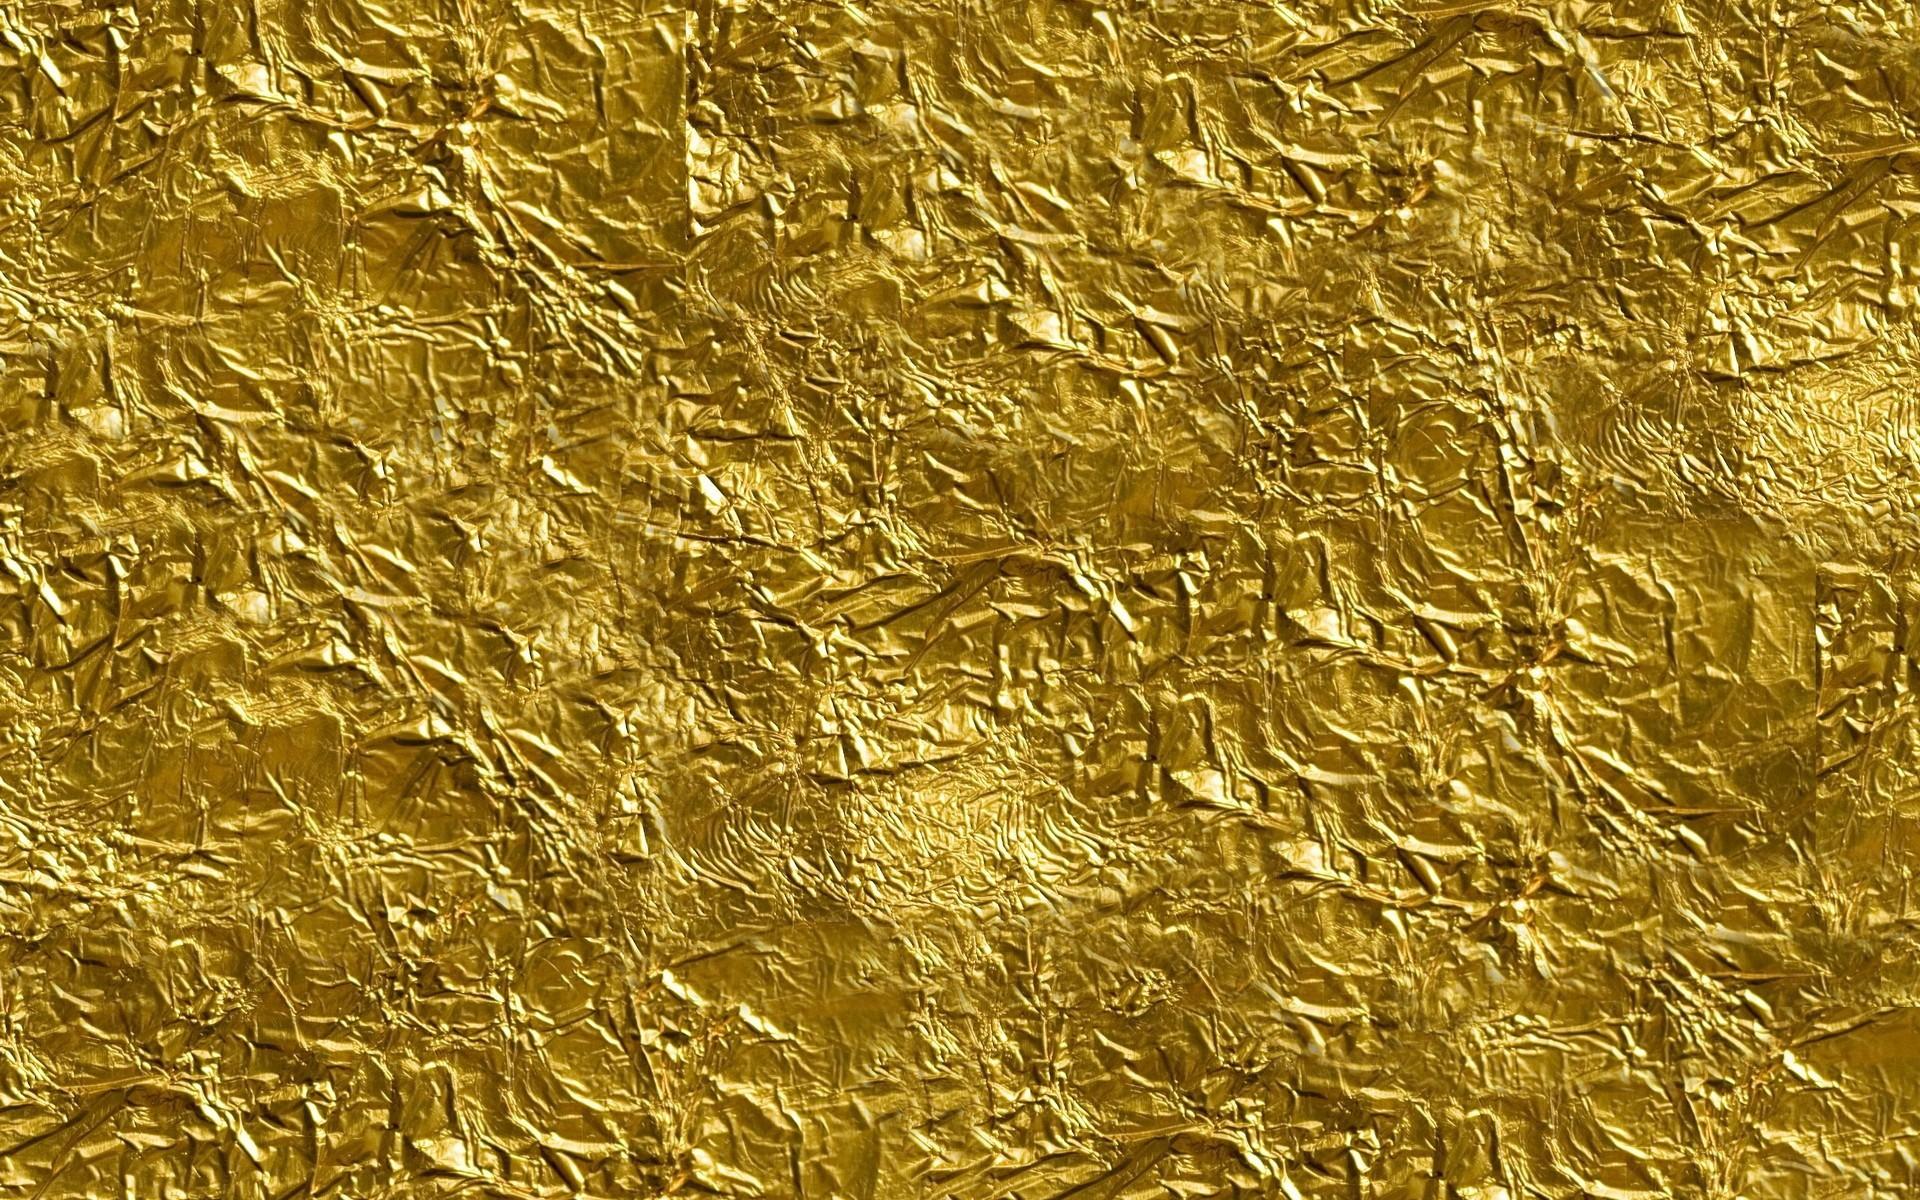 Gold Foil Texture Hd Wallpaper Wallpaper List 1920x1200